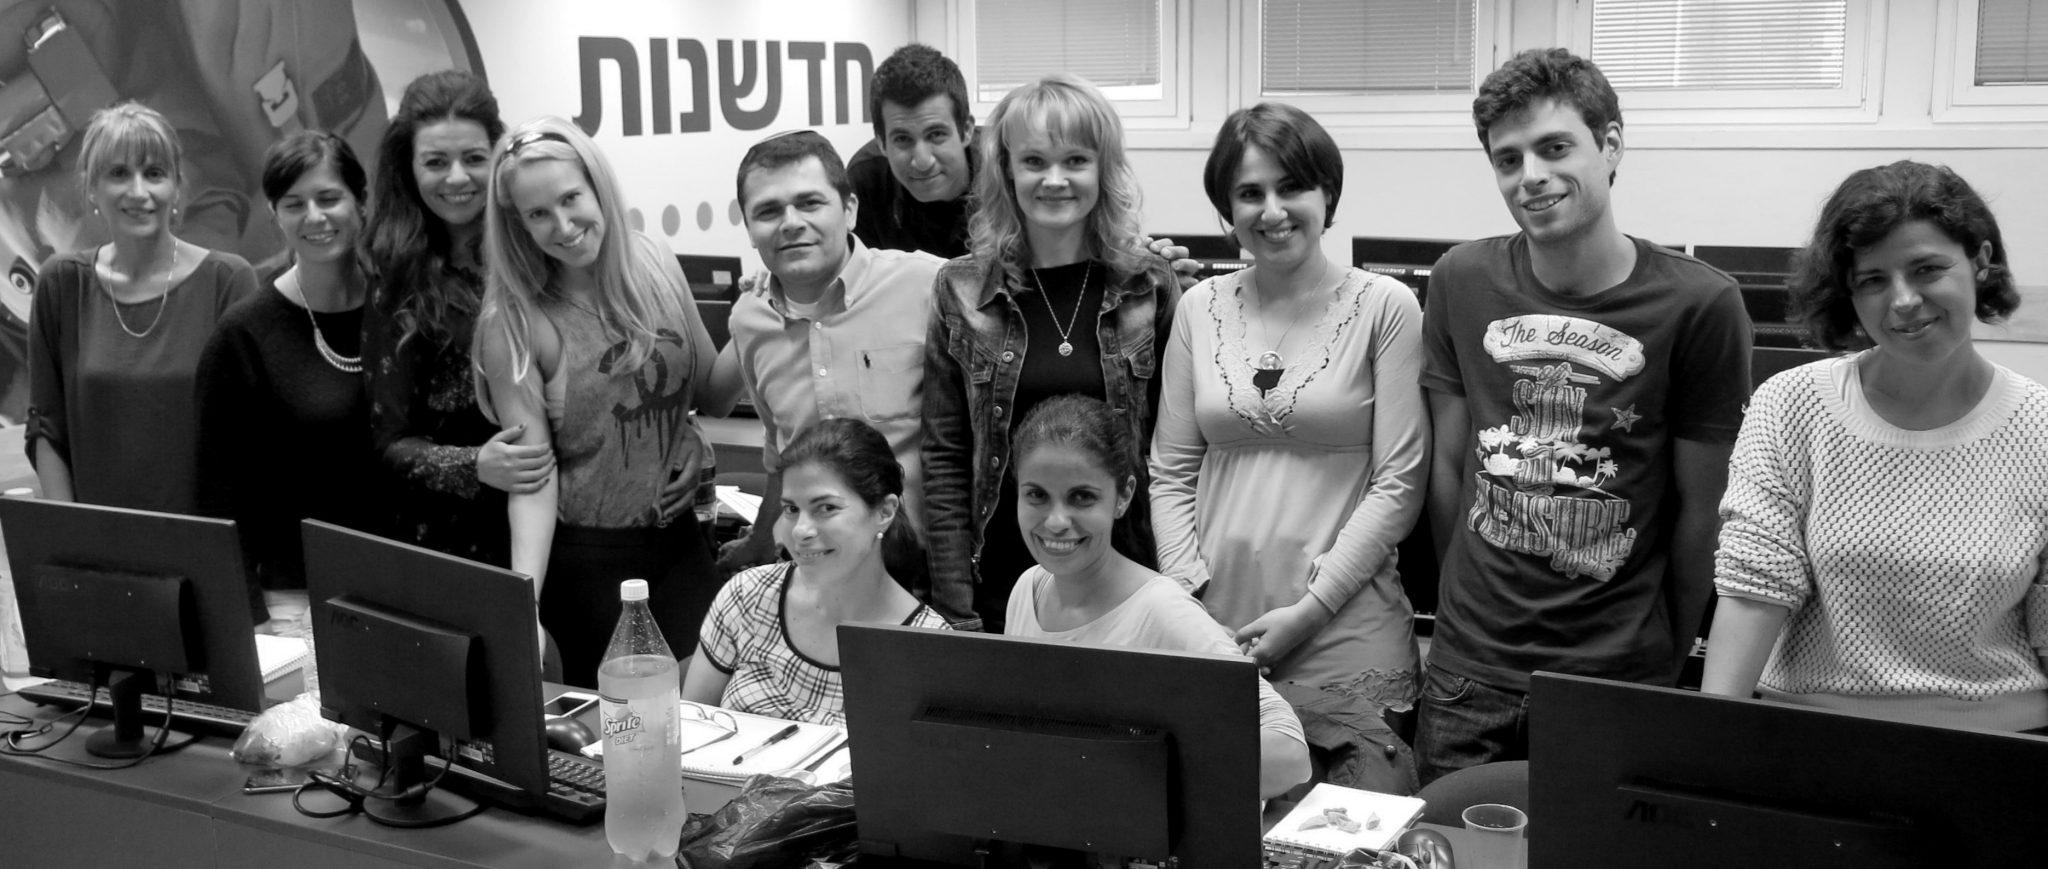 social_media_studies israel - orit ronen